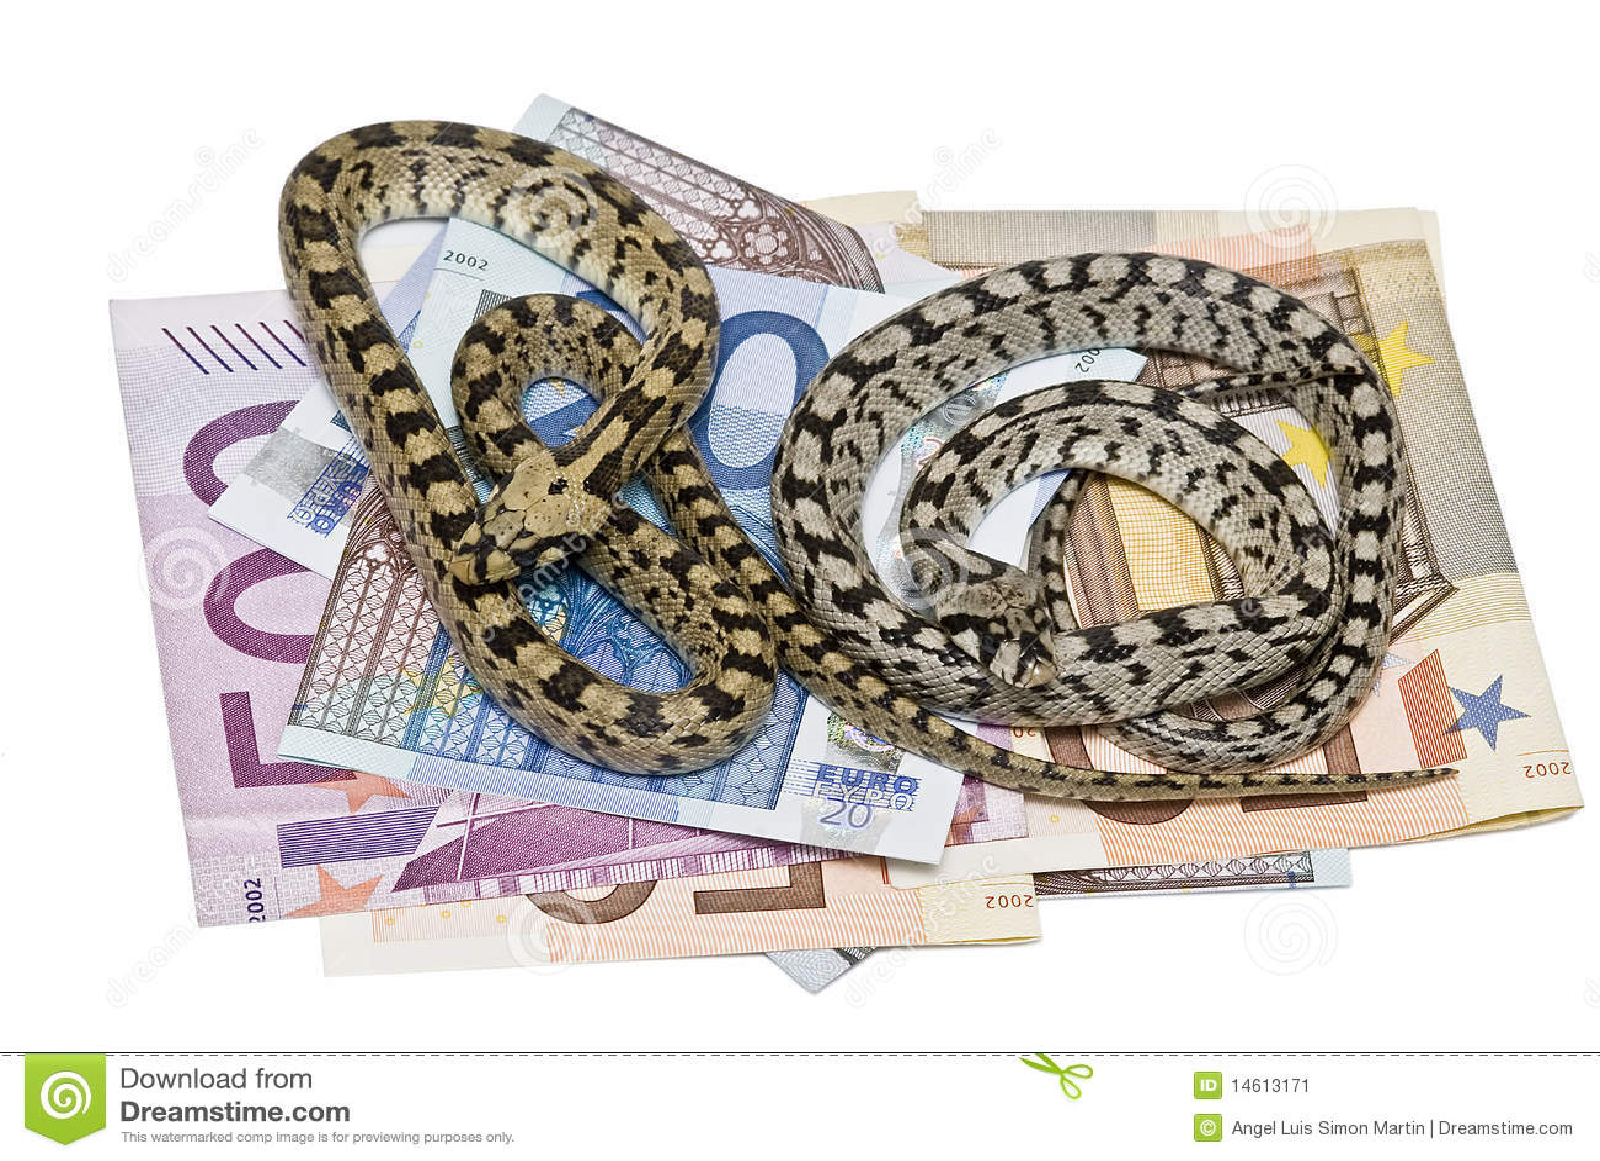 Dos serpientes en mucho dinero imagen de archivo imagen - Bater roca precios ...